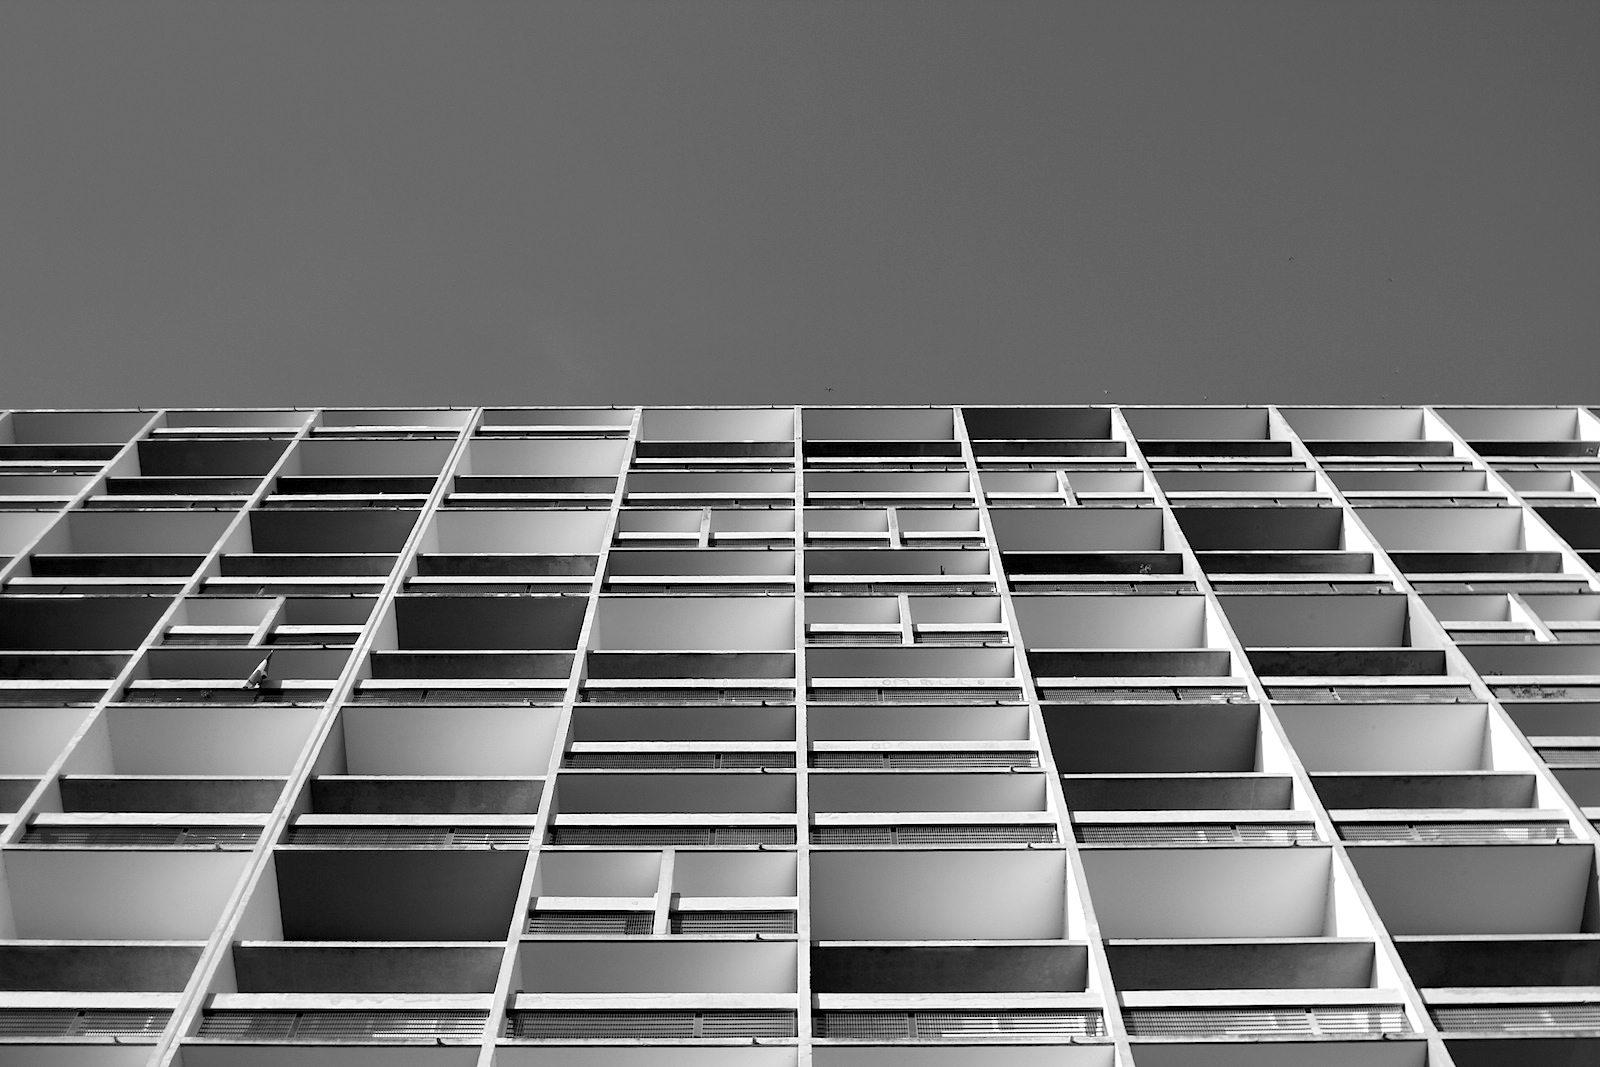 """Unité d'Habitation. In ihrer Effizienz und Massenproduktion sind Le Corbusiers """"vertikale Städte"""" Vorläufer der Plattenbauten. Seine erste Unité wurde 1952 in Marseille fertiggestellt. Insgesamt wurden 5 gebaut, eine im Berliner Ortsteil Westend."""